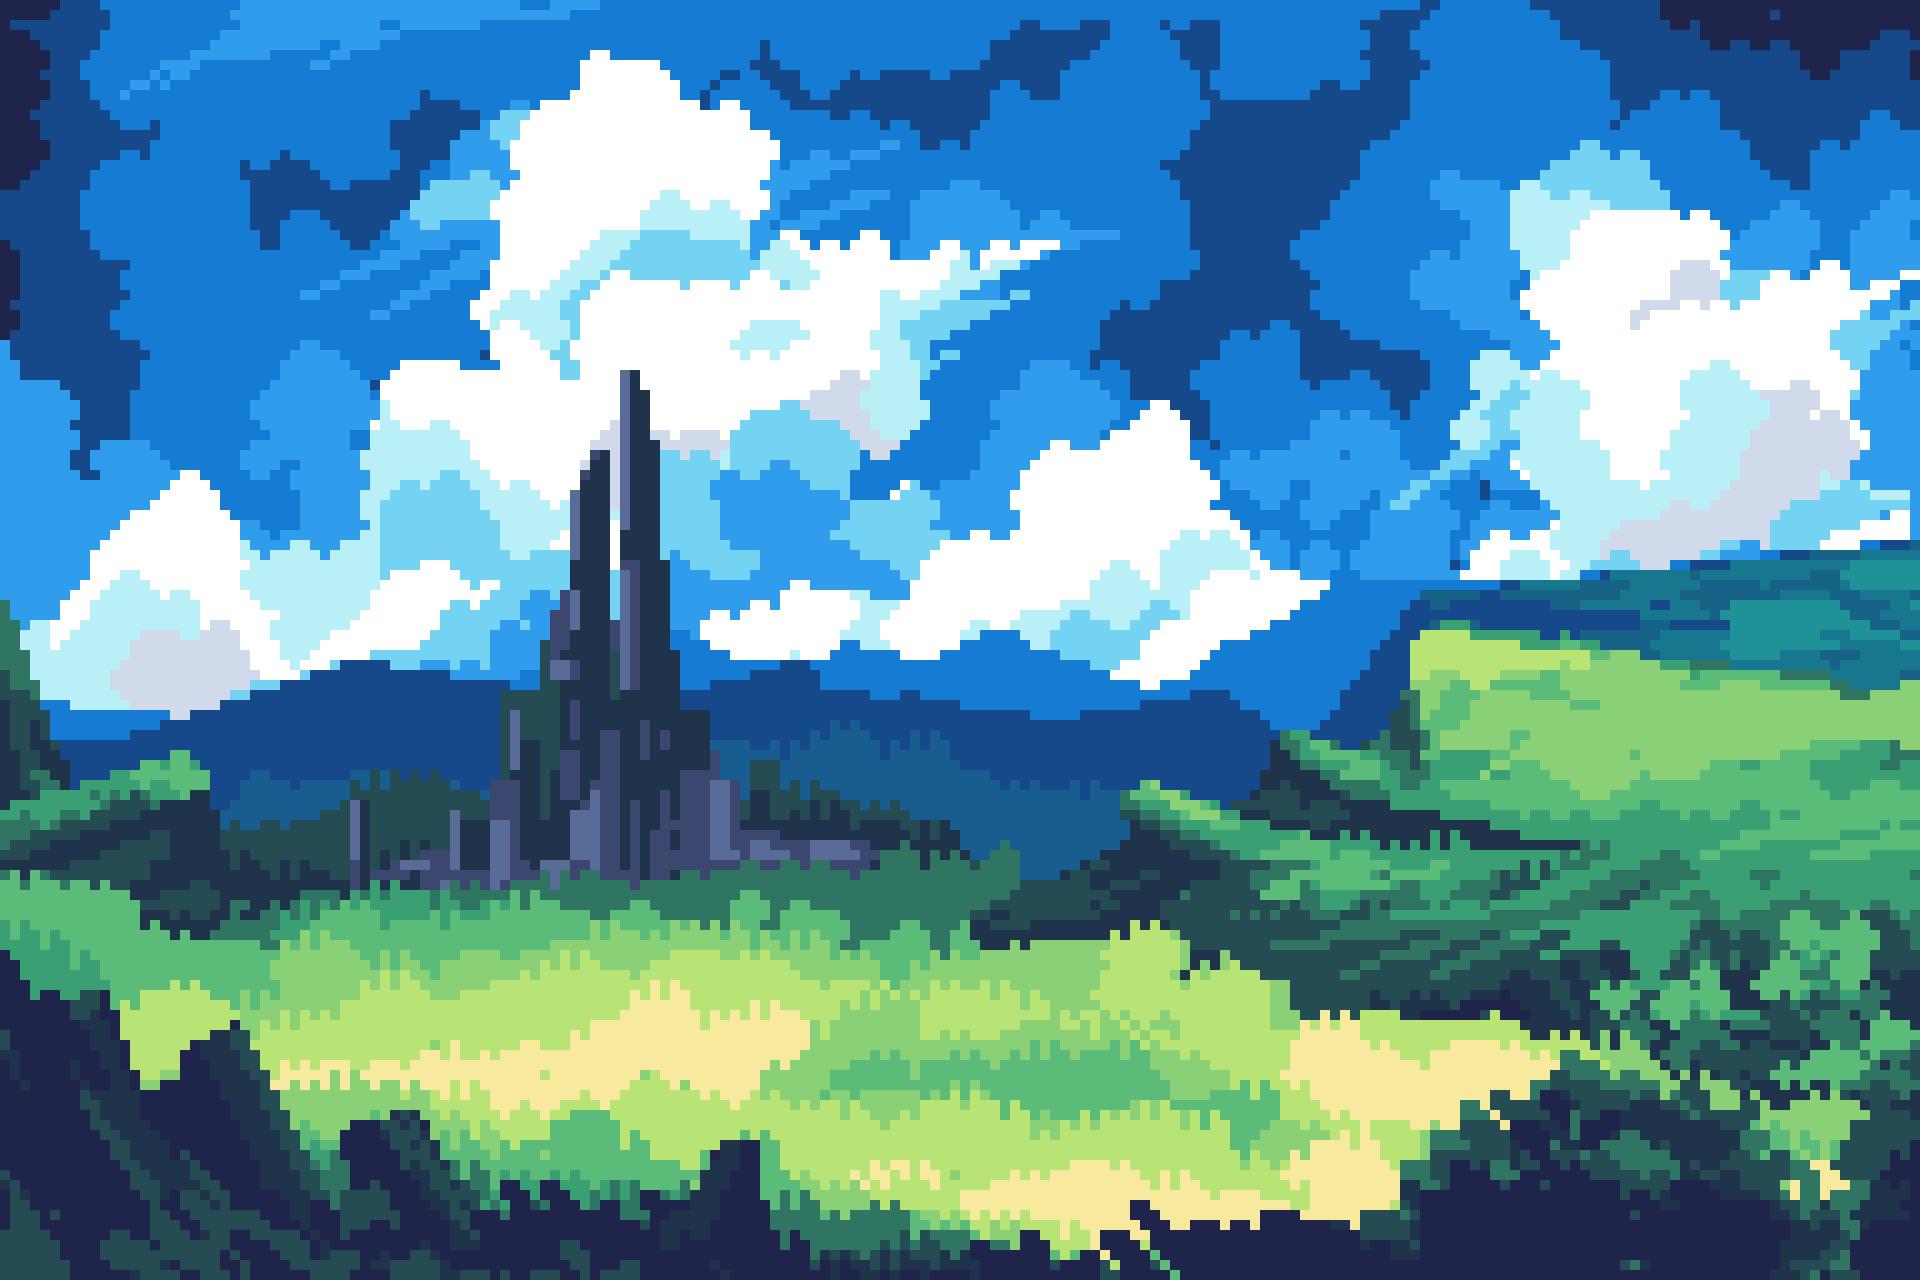 Castle sky pixelart by frosty_rabbid / Wildan R²